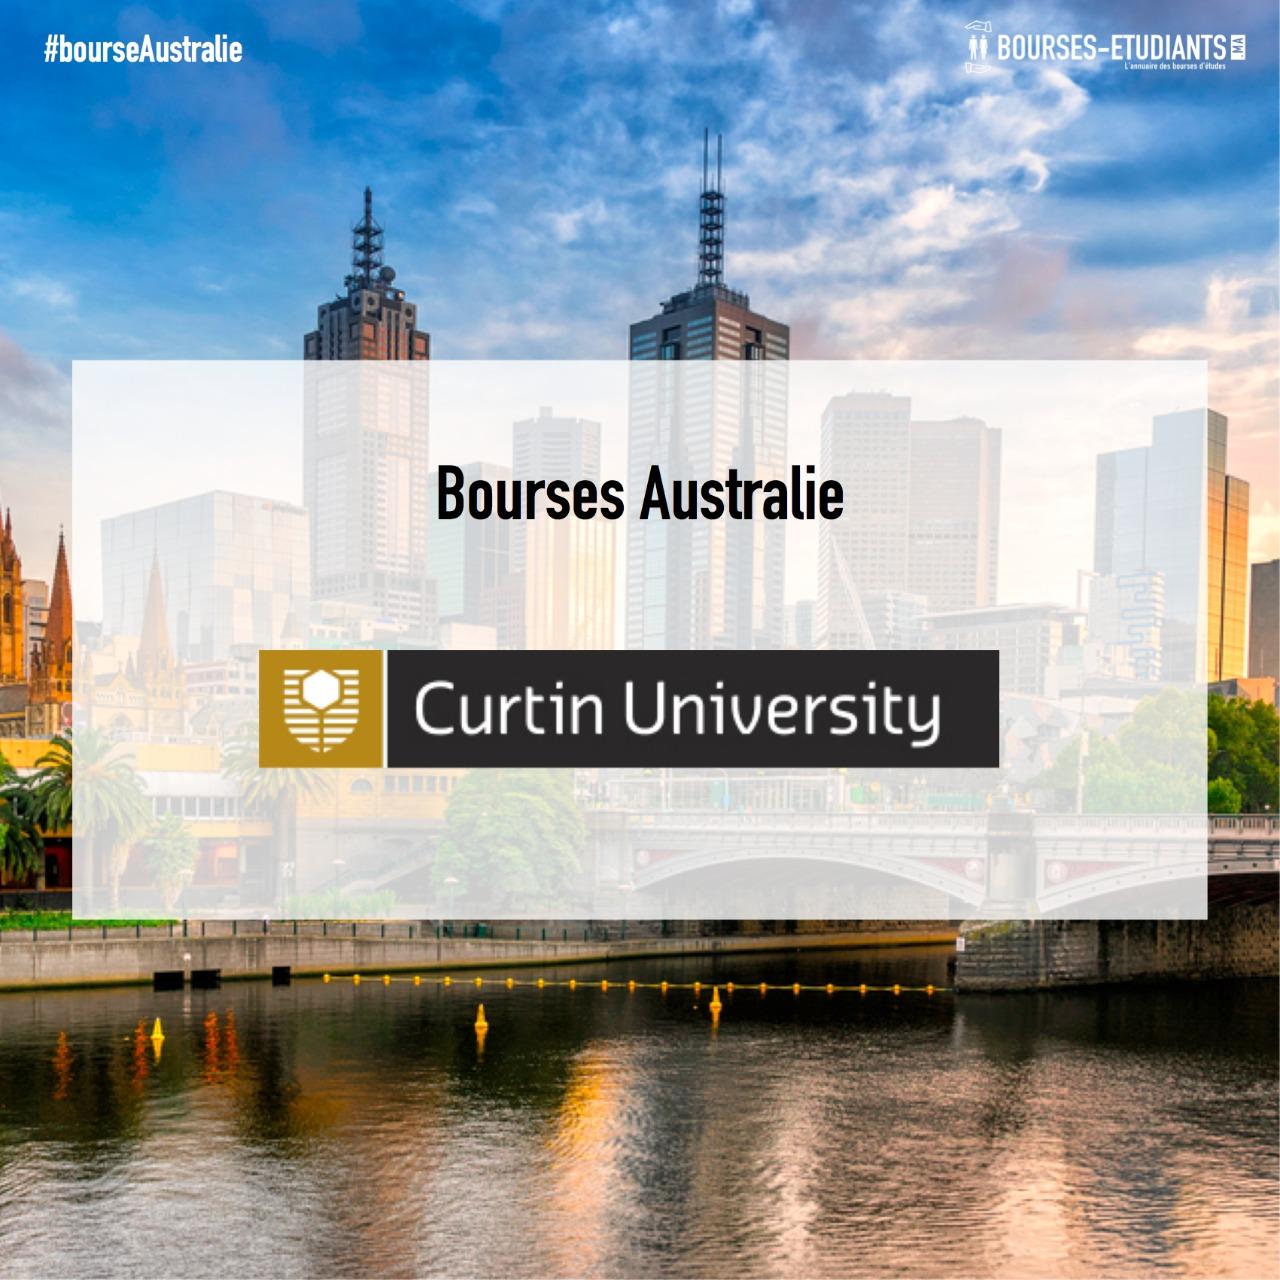 Bourses D'étude Australie 2019 : Curtin University